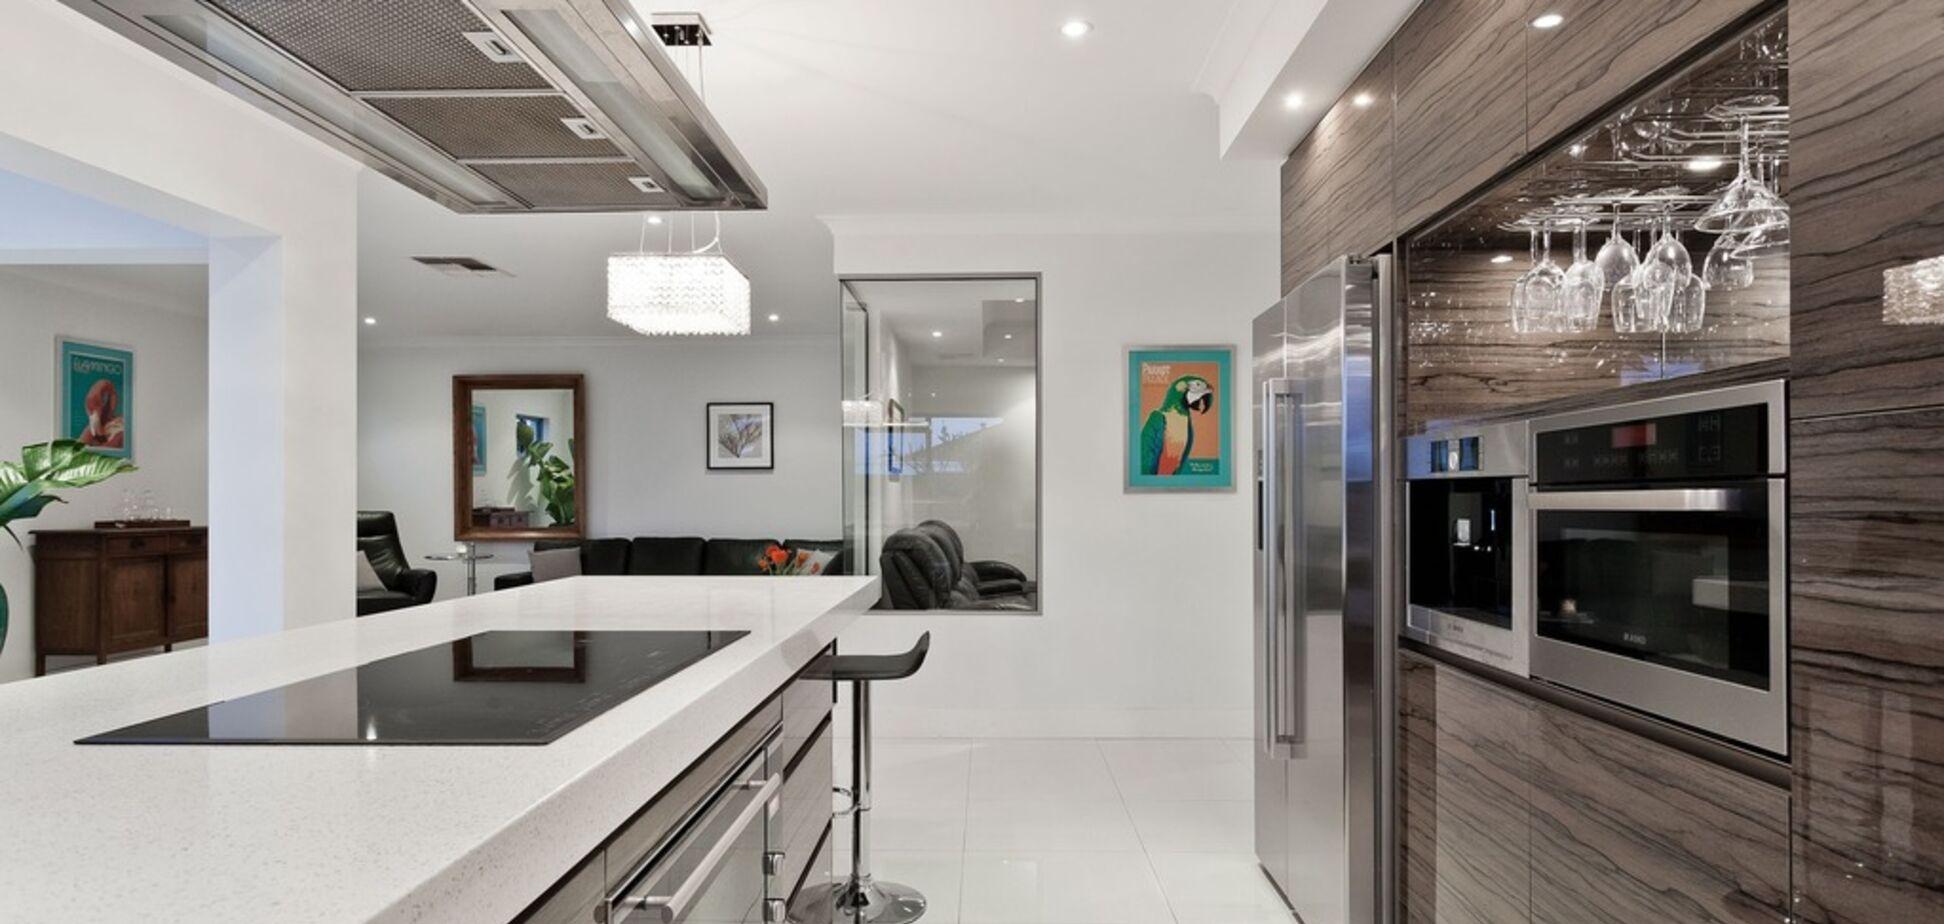 Украинцам изменили правила планировки квартир